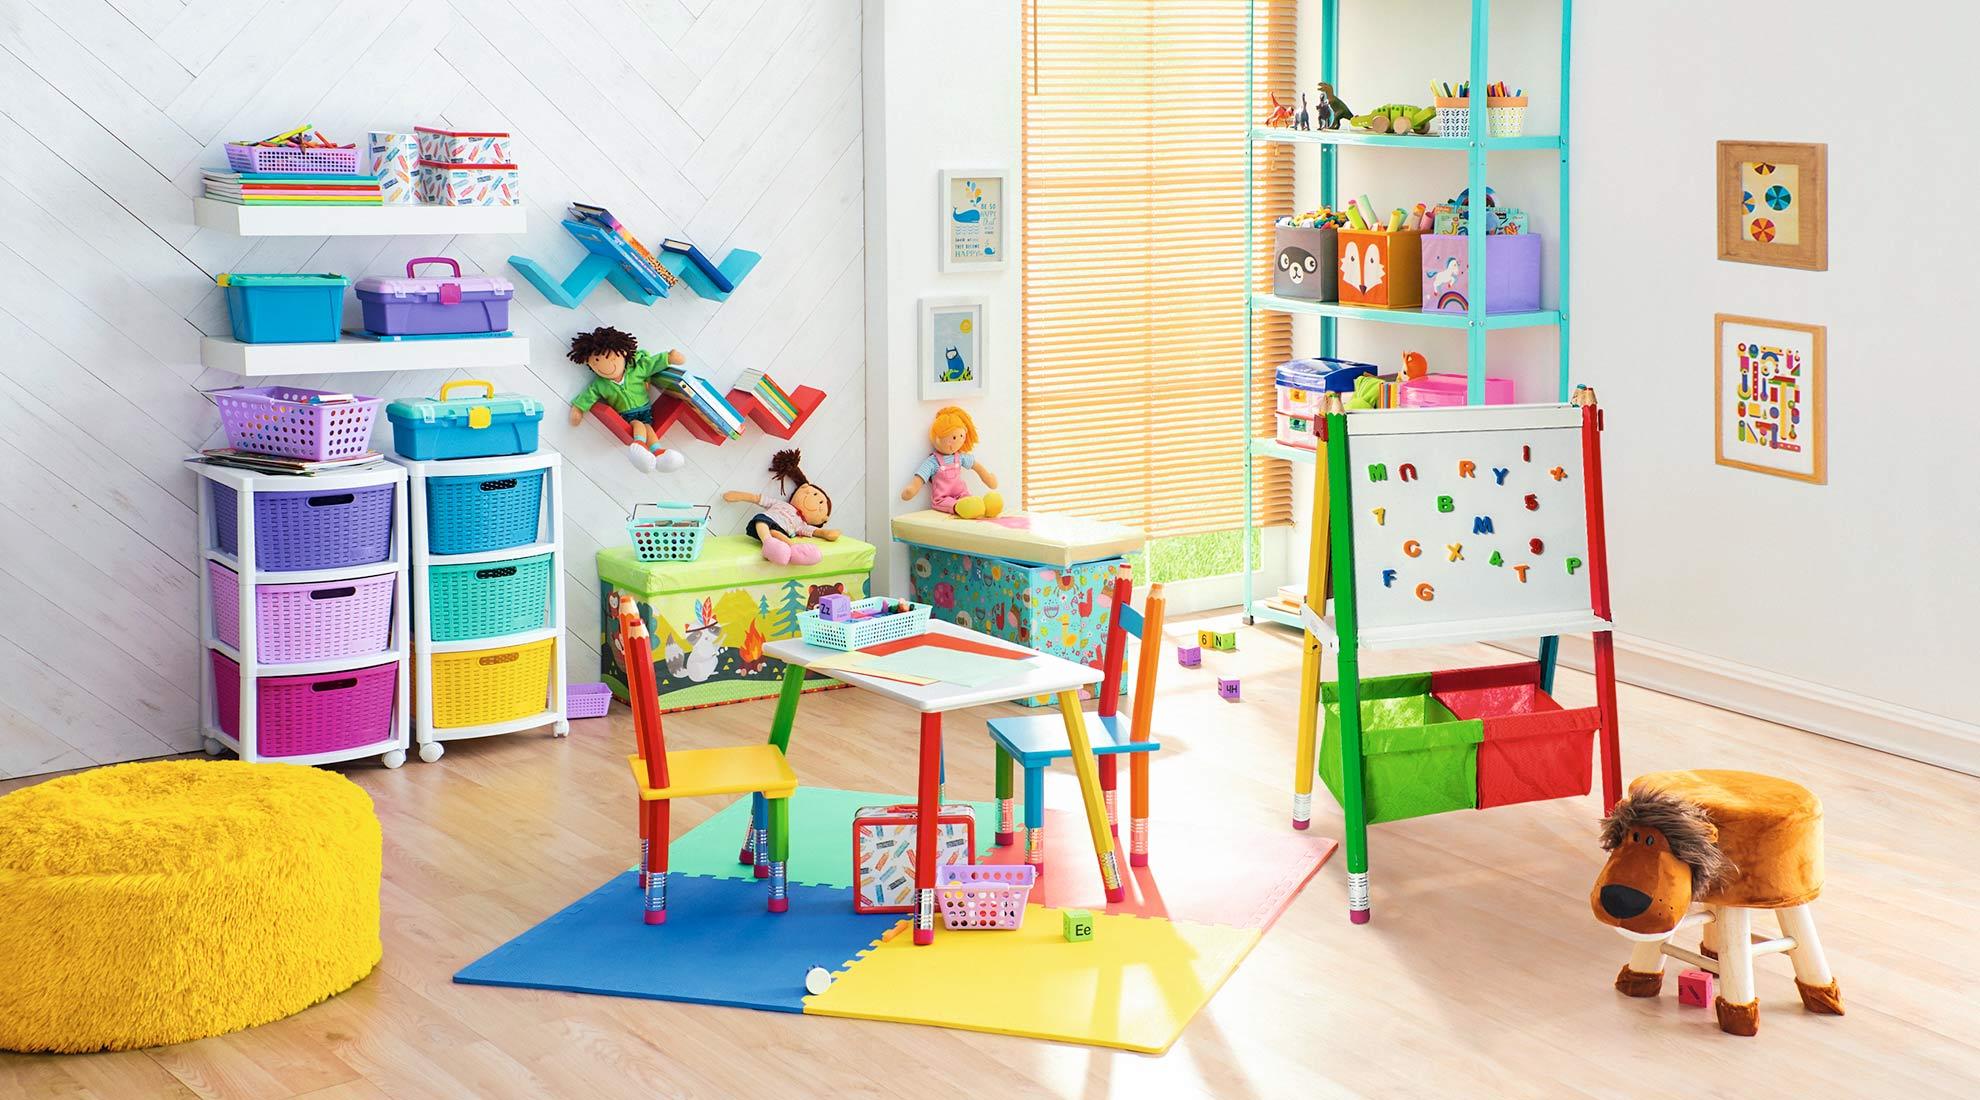 Mes del Niño Peruano: 10 consejos para decorar su dormitorio